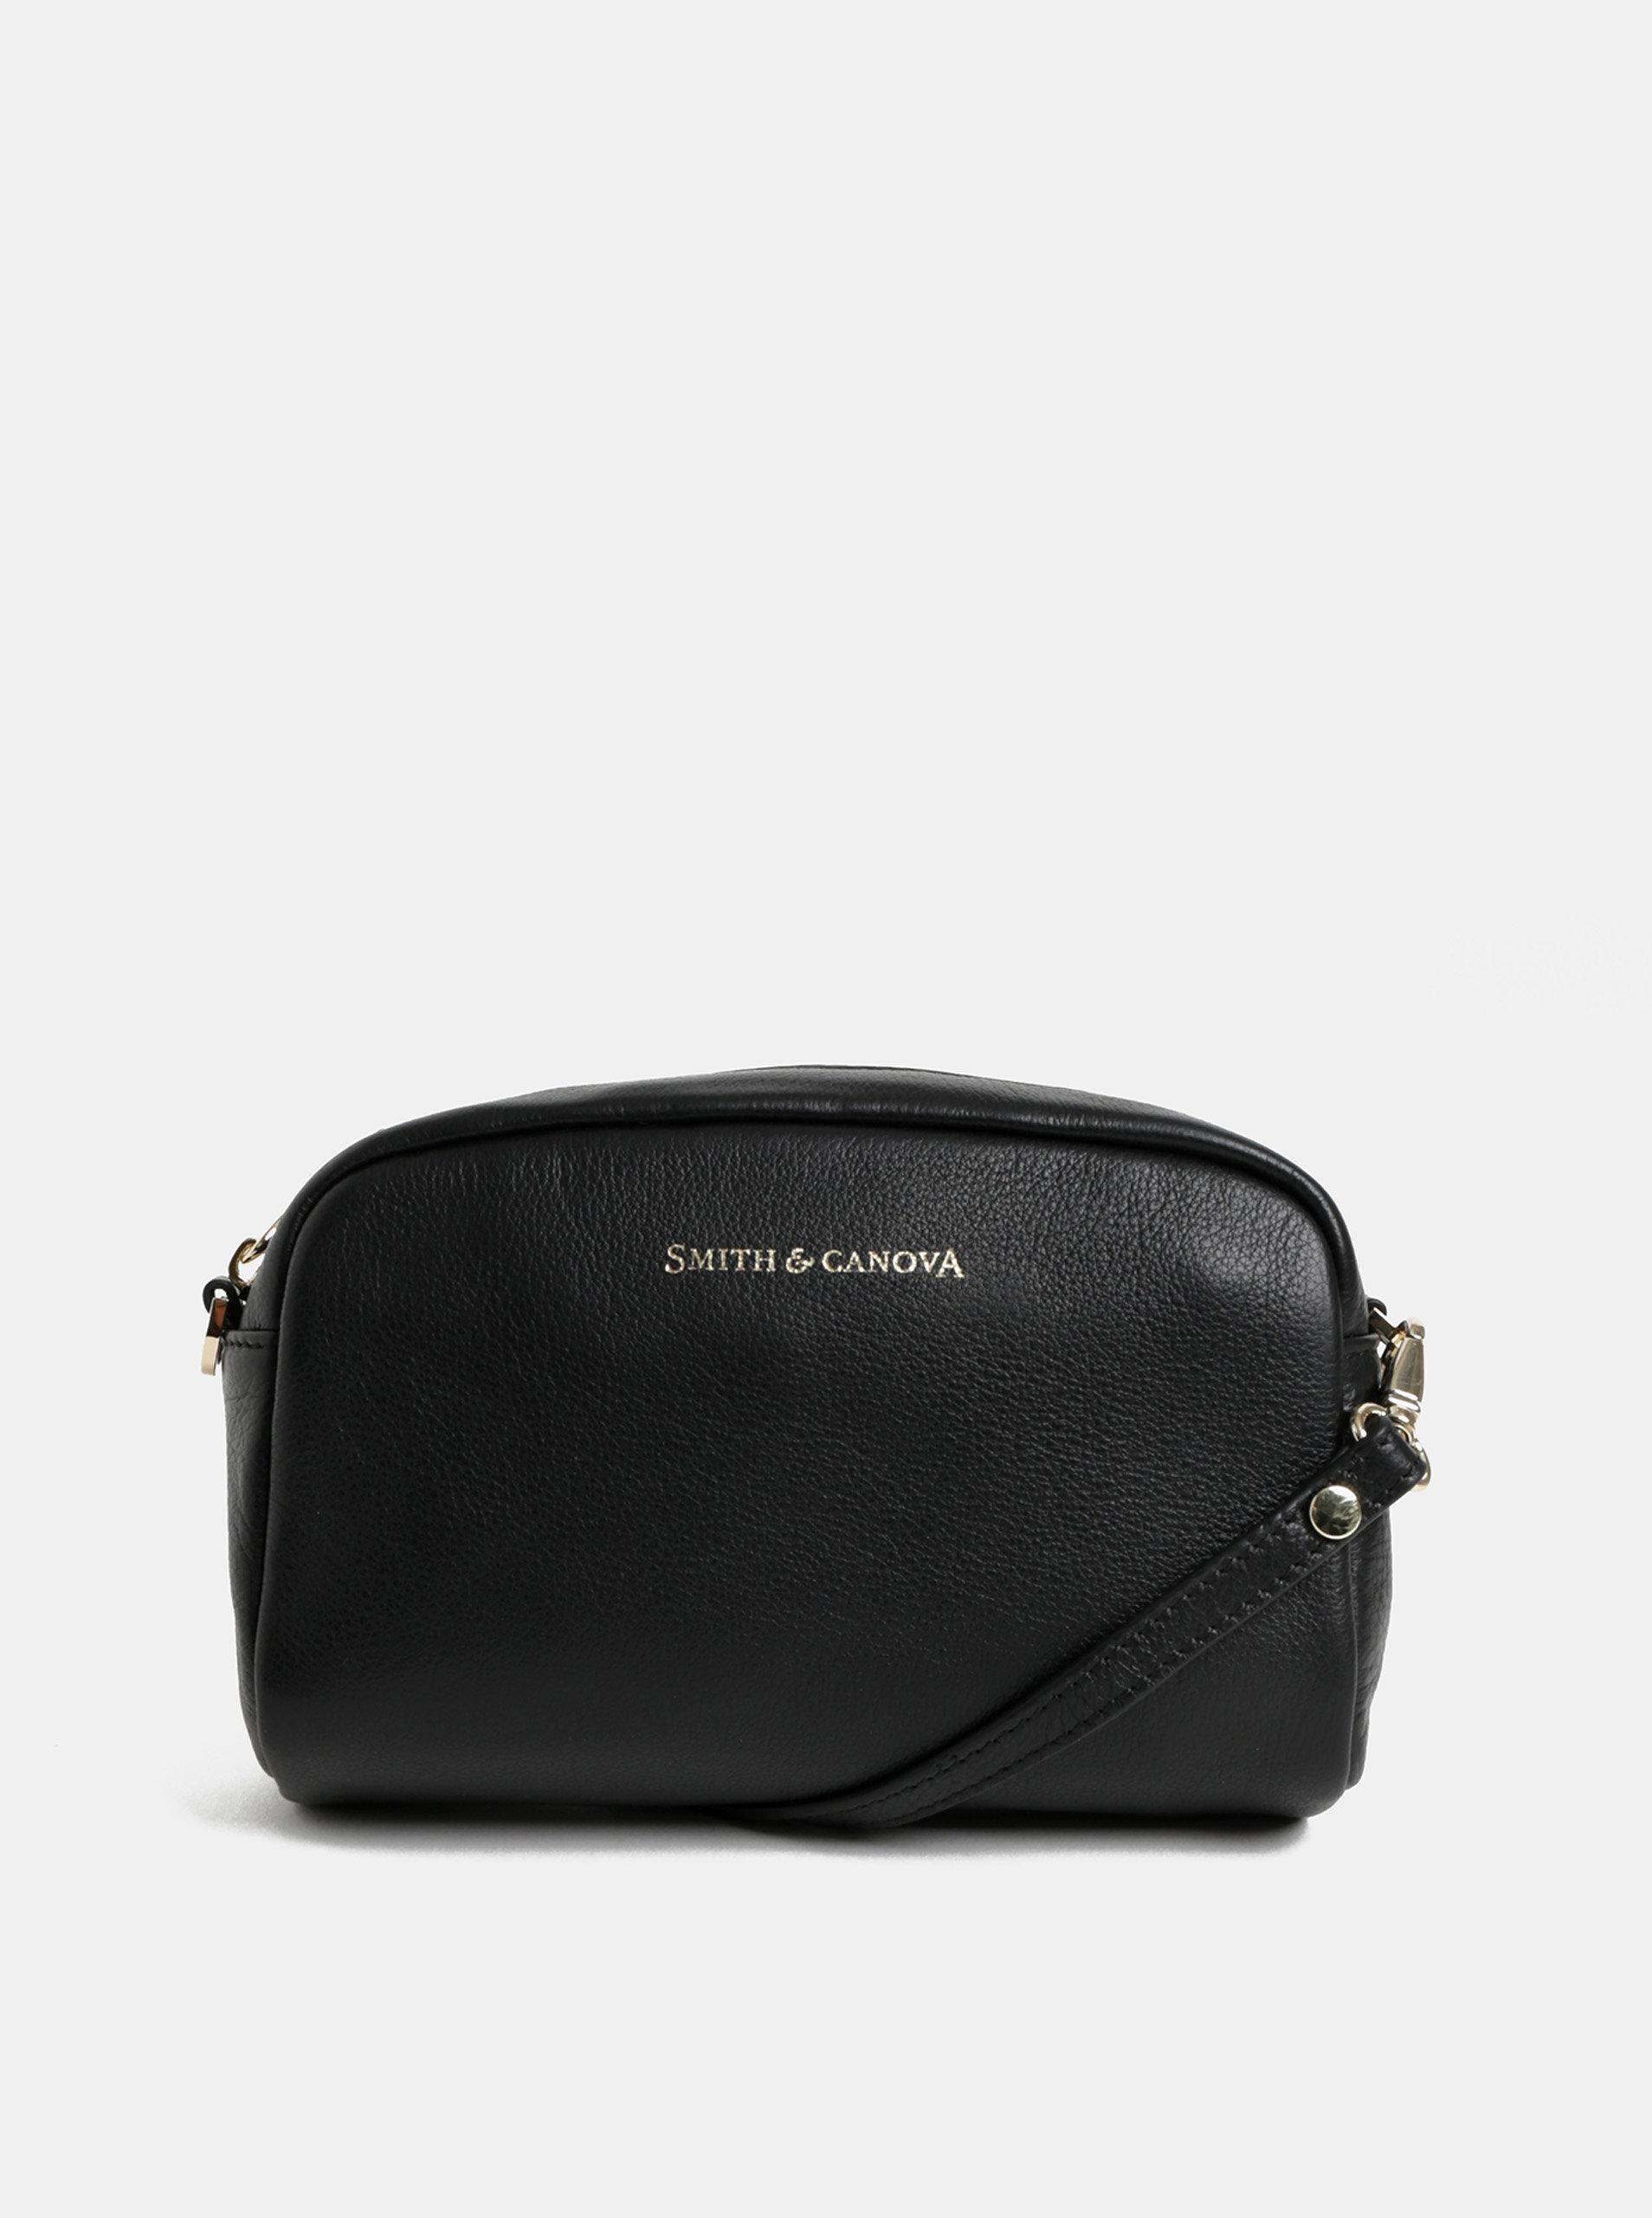 Čierna kožená malá crossbody kabelka Smith   Canova ... ac2950fd610